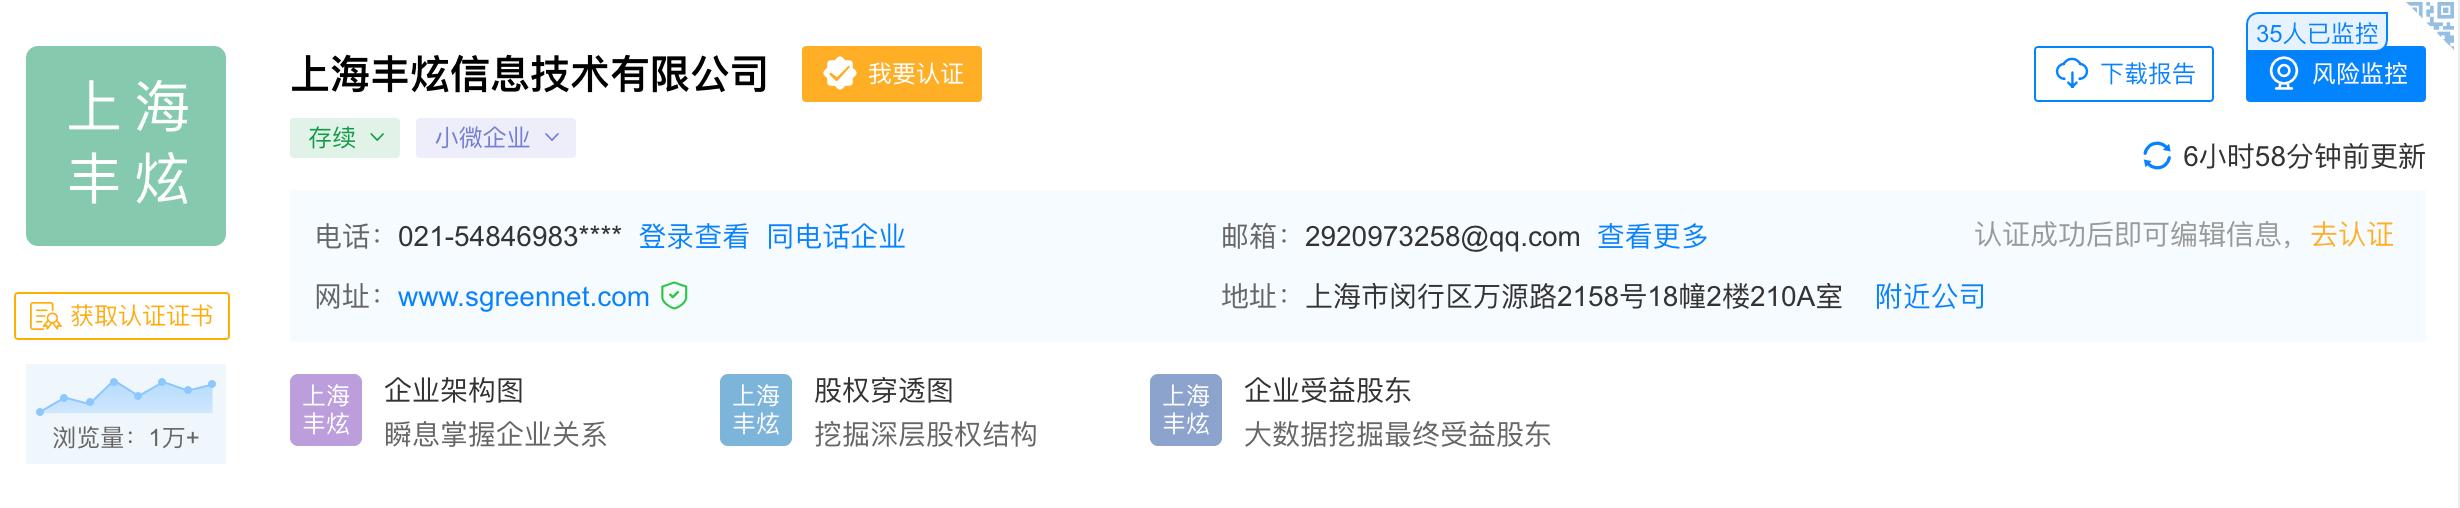 上海丰炫信息技术有限公司 企业信息2